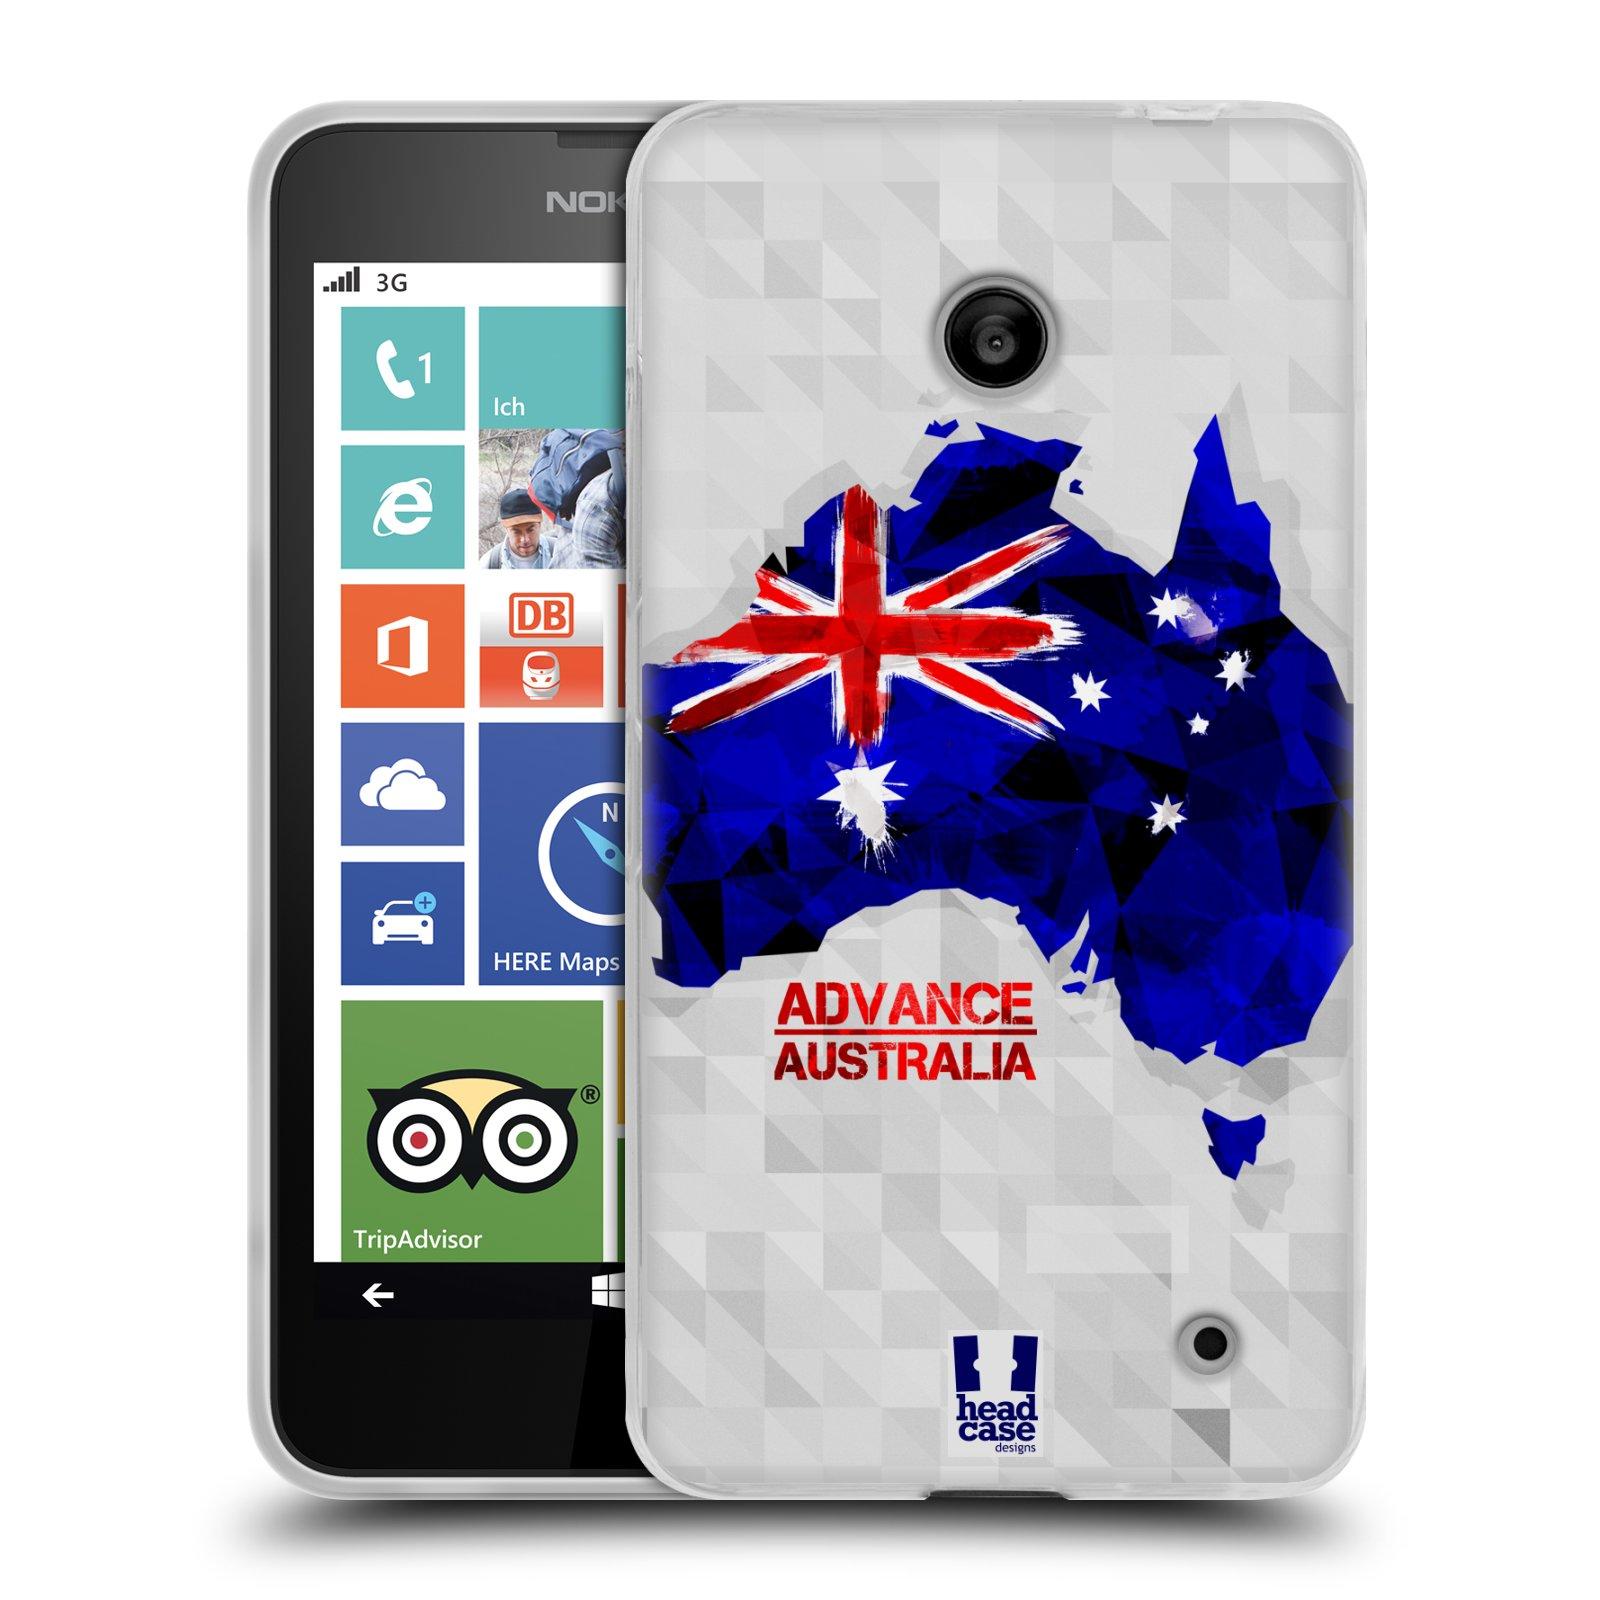 Silikonové pouzdro na mobil Nokia Lumia 630 HEAD CASE GEOMAPA AUSTRÁLIE (Silikonový kryt či obal na mobilní telefon Nokia Lumia 630 a Nokia Lumia 630 Dual SIM)